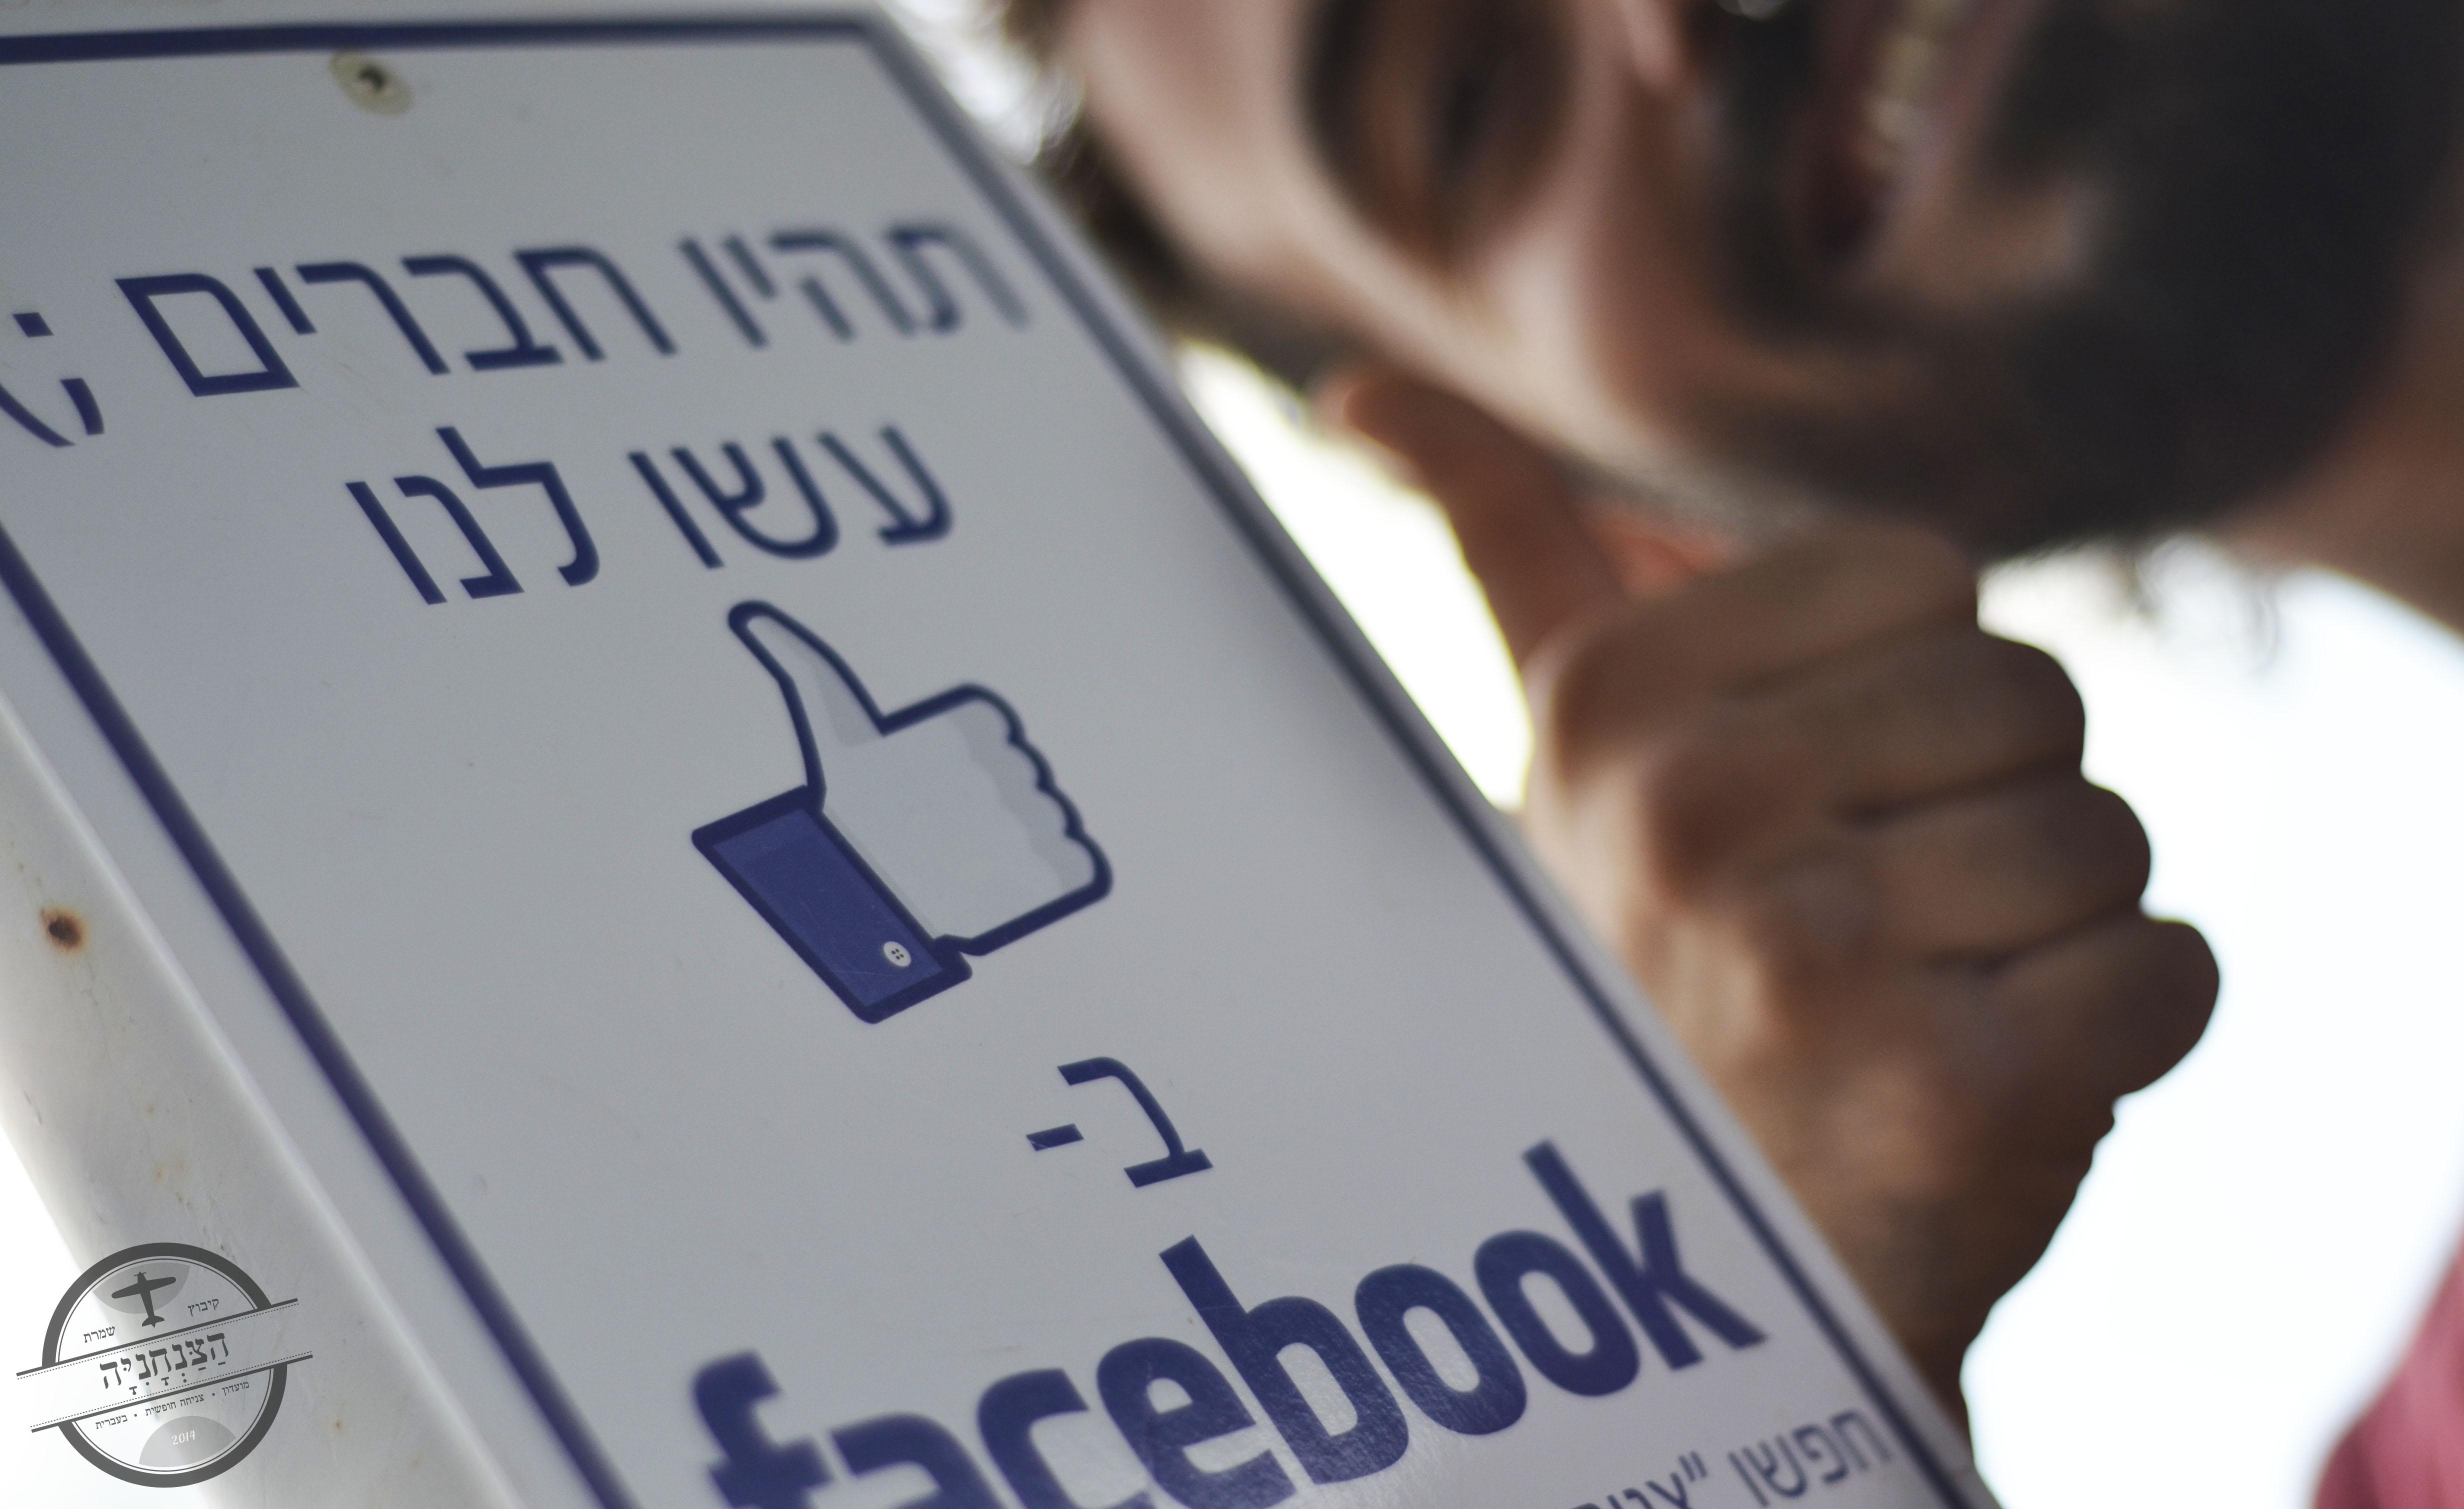 עשו לנו לייק בפייסבוק הצנחניה